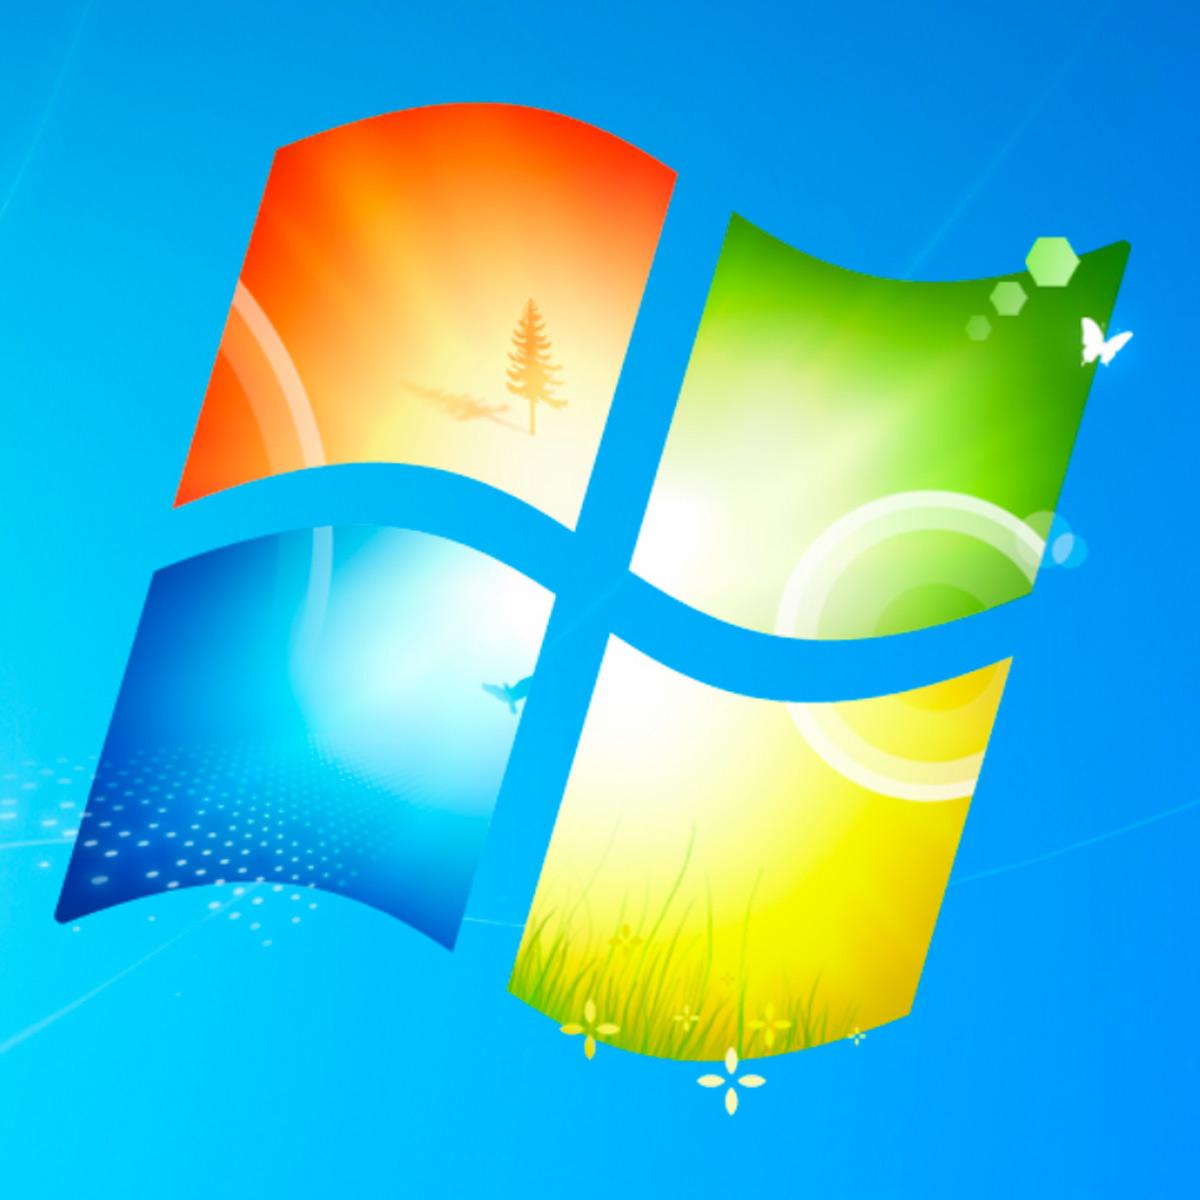 サポート終了のWindows 7に早速アップデートが配信へ